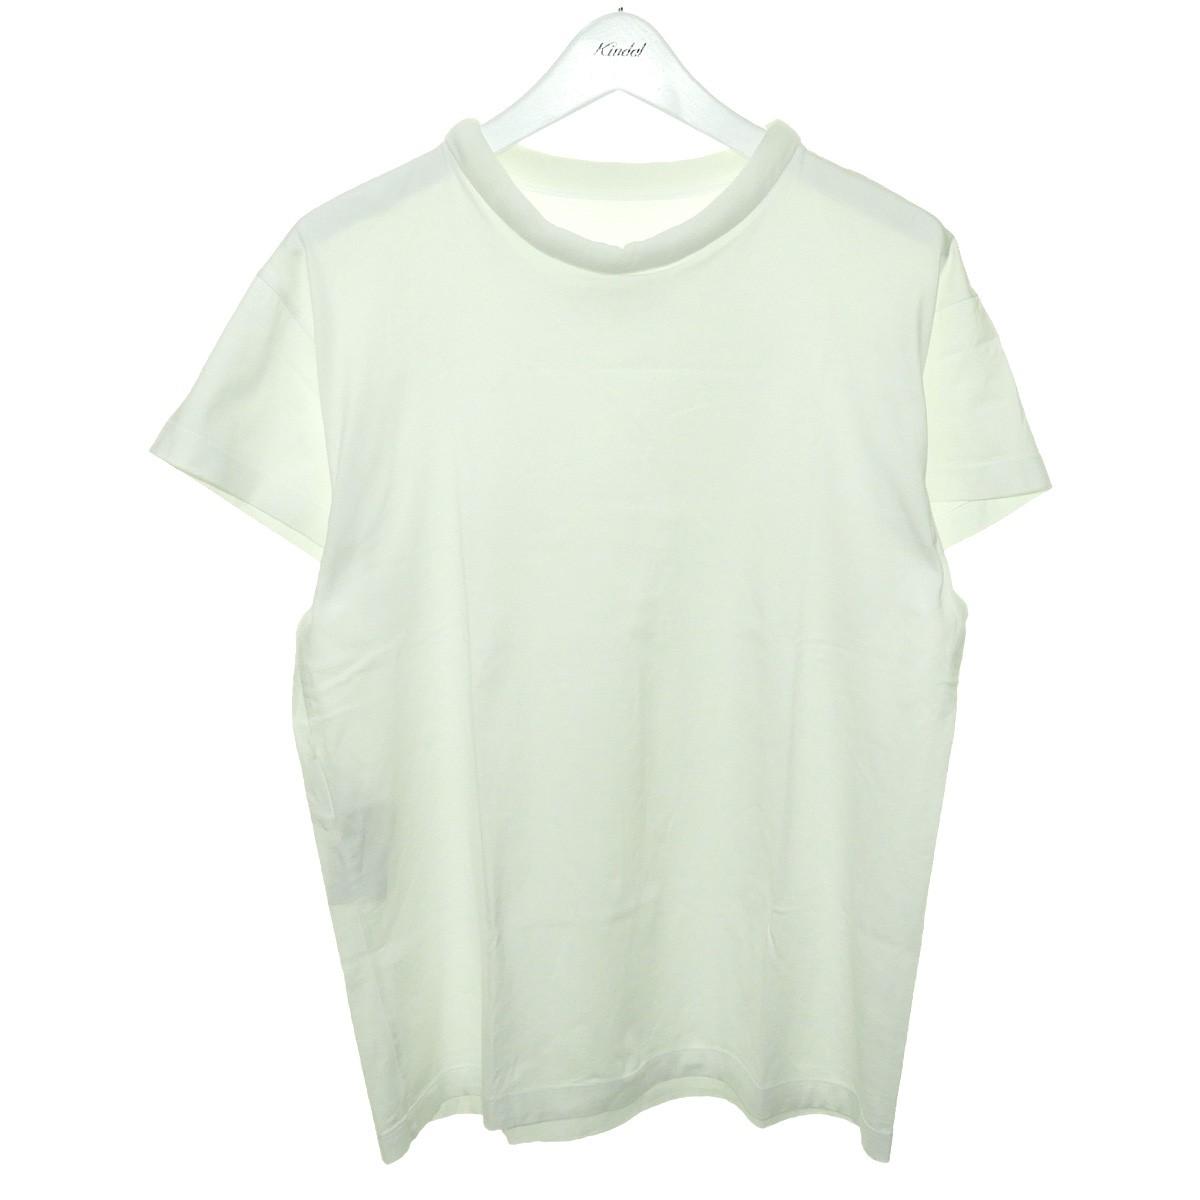 【中古】Martin Margiela1 2020SS ドロップショルダーTシャツ ホワイト サイズ:XS 【200920】(マルタンマルジェラ1)